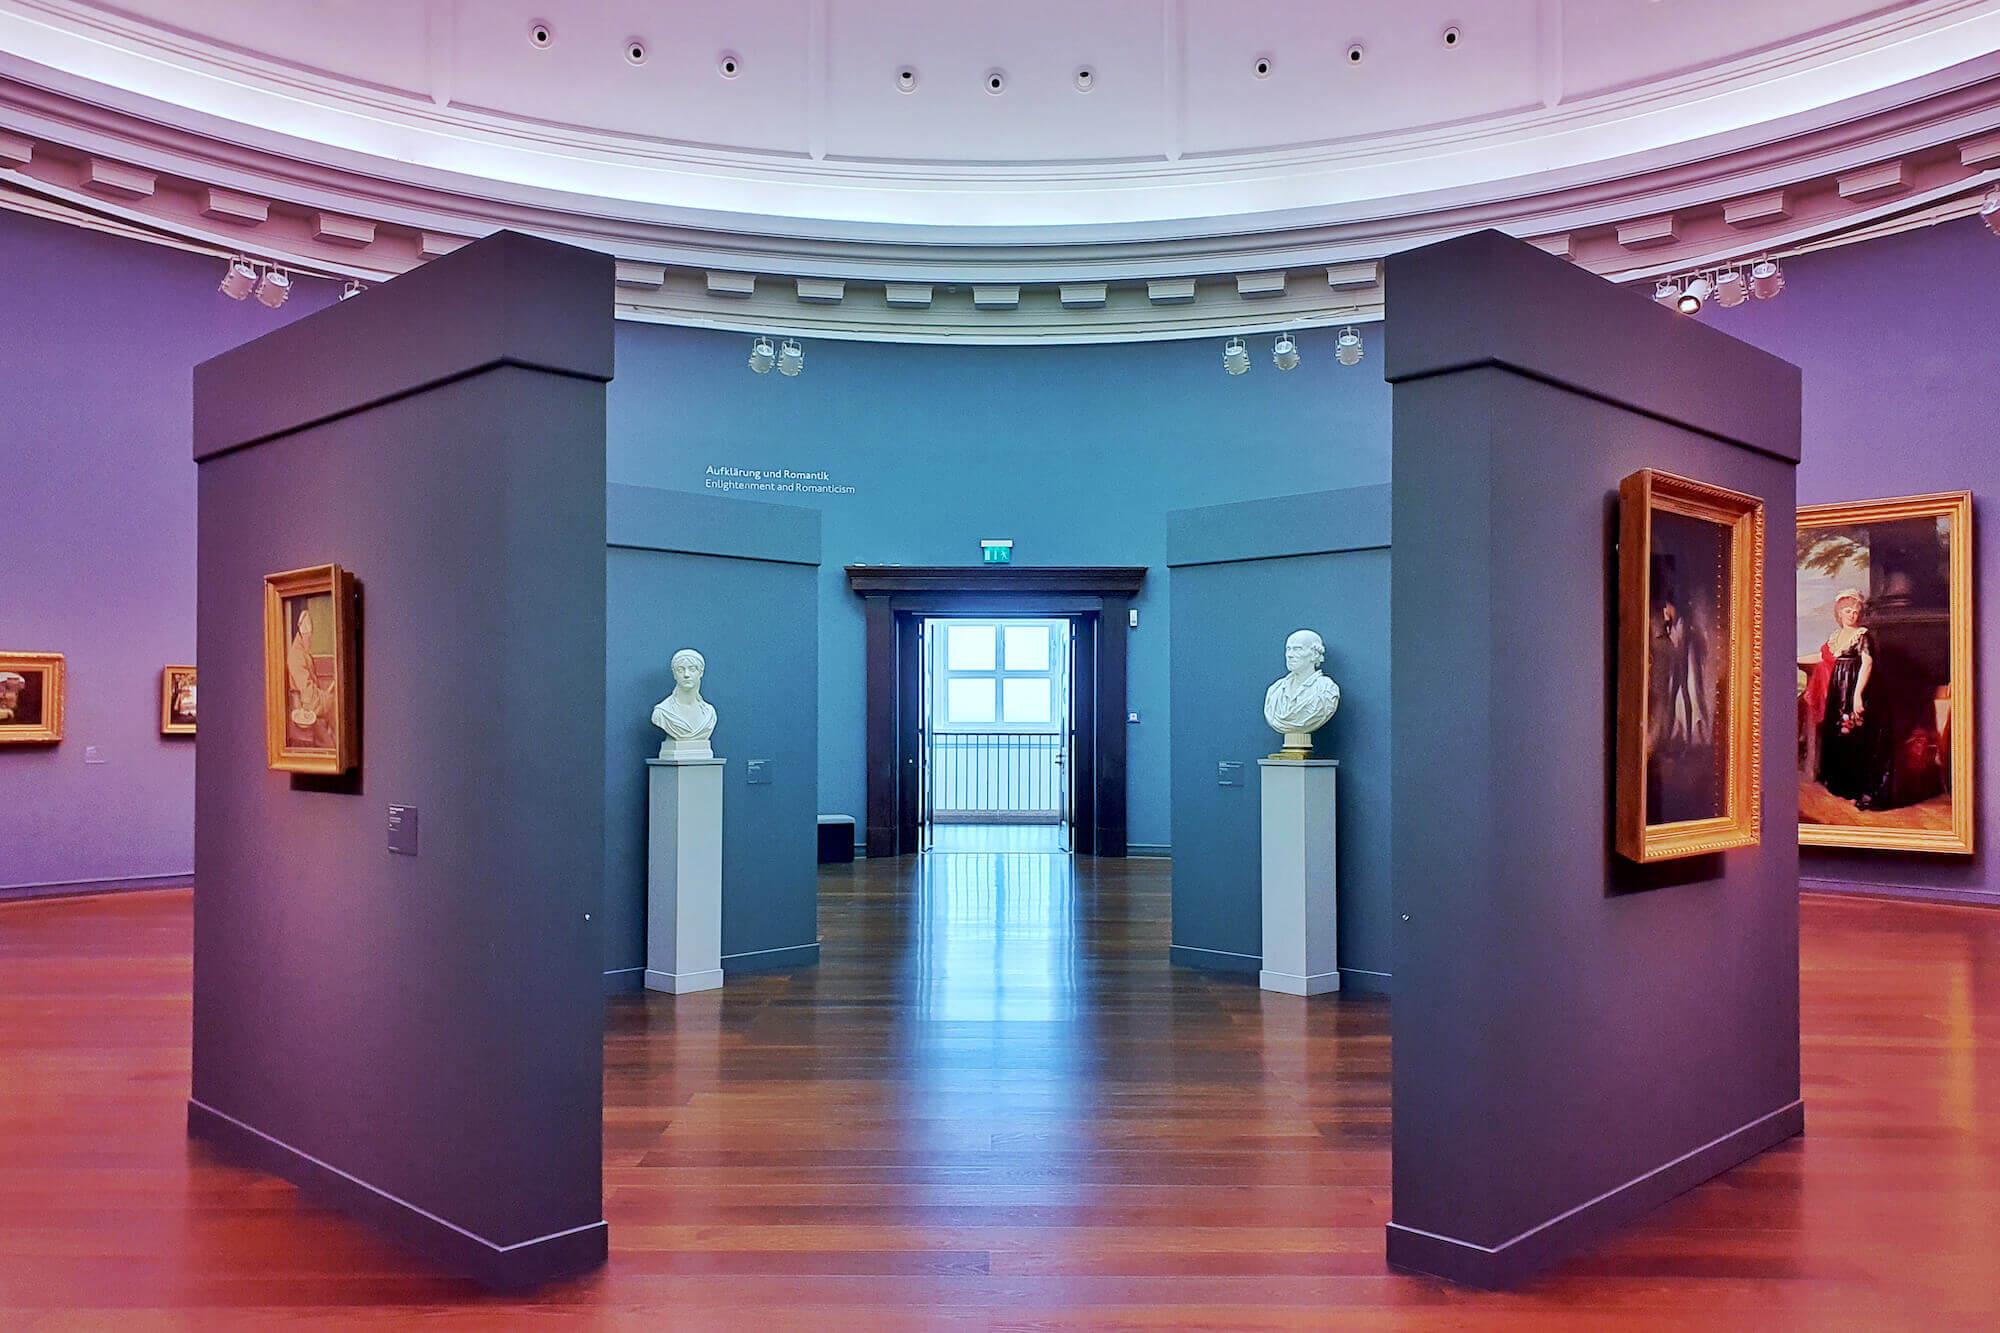 """In der Talk-Reihe """"Wem gehört das Museum?"""" der OÖ Landes-Kultur GmbH wurde darüber diskutiert, wie Museen sich für ein breiteres Publikum öffnen können."""